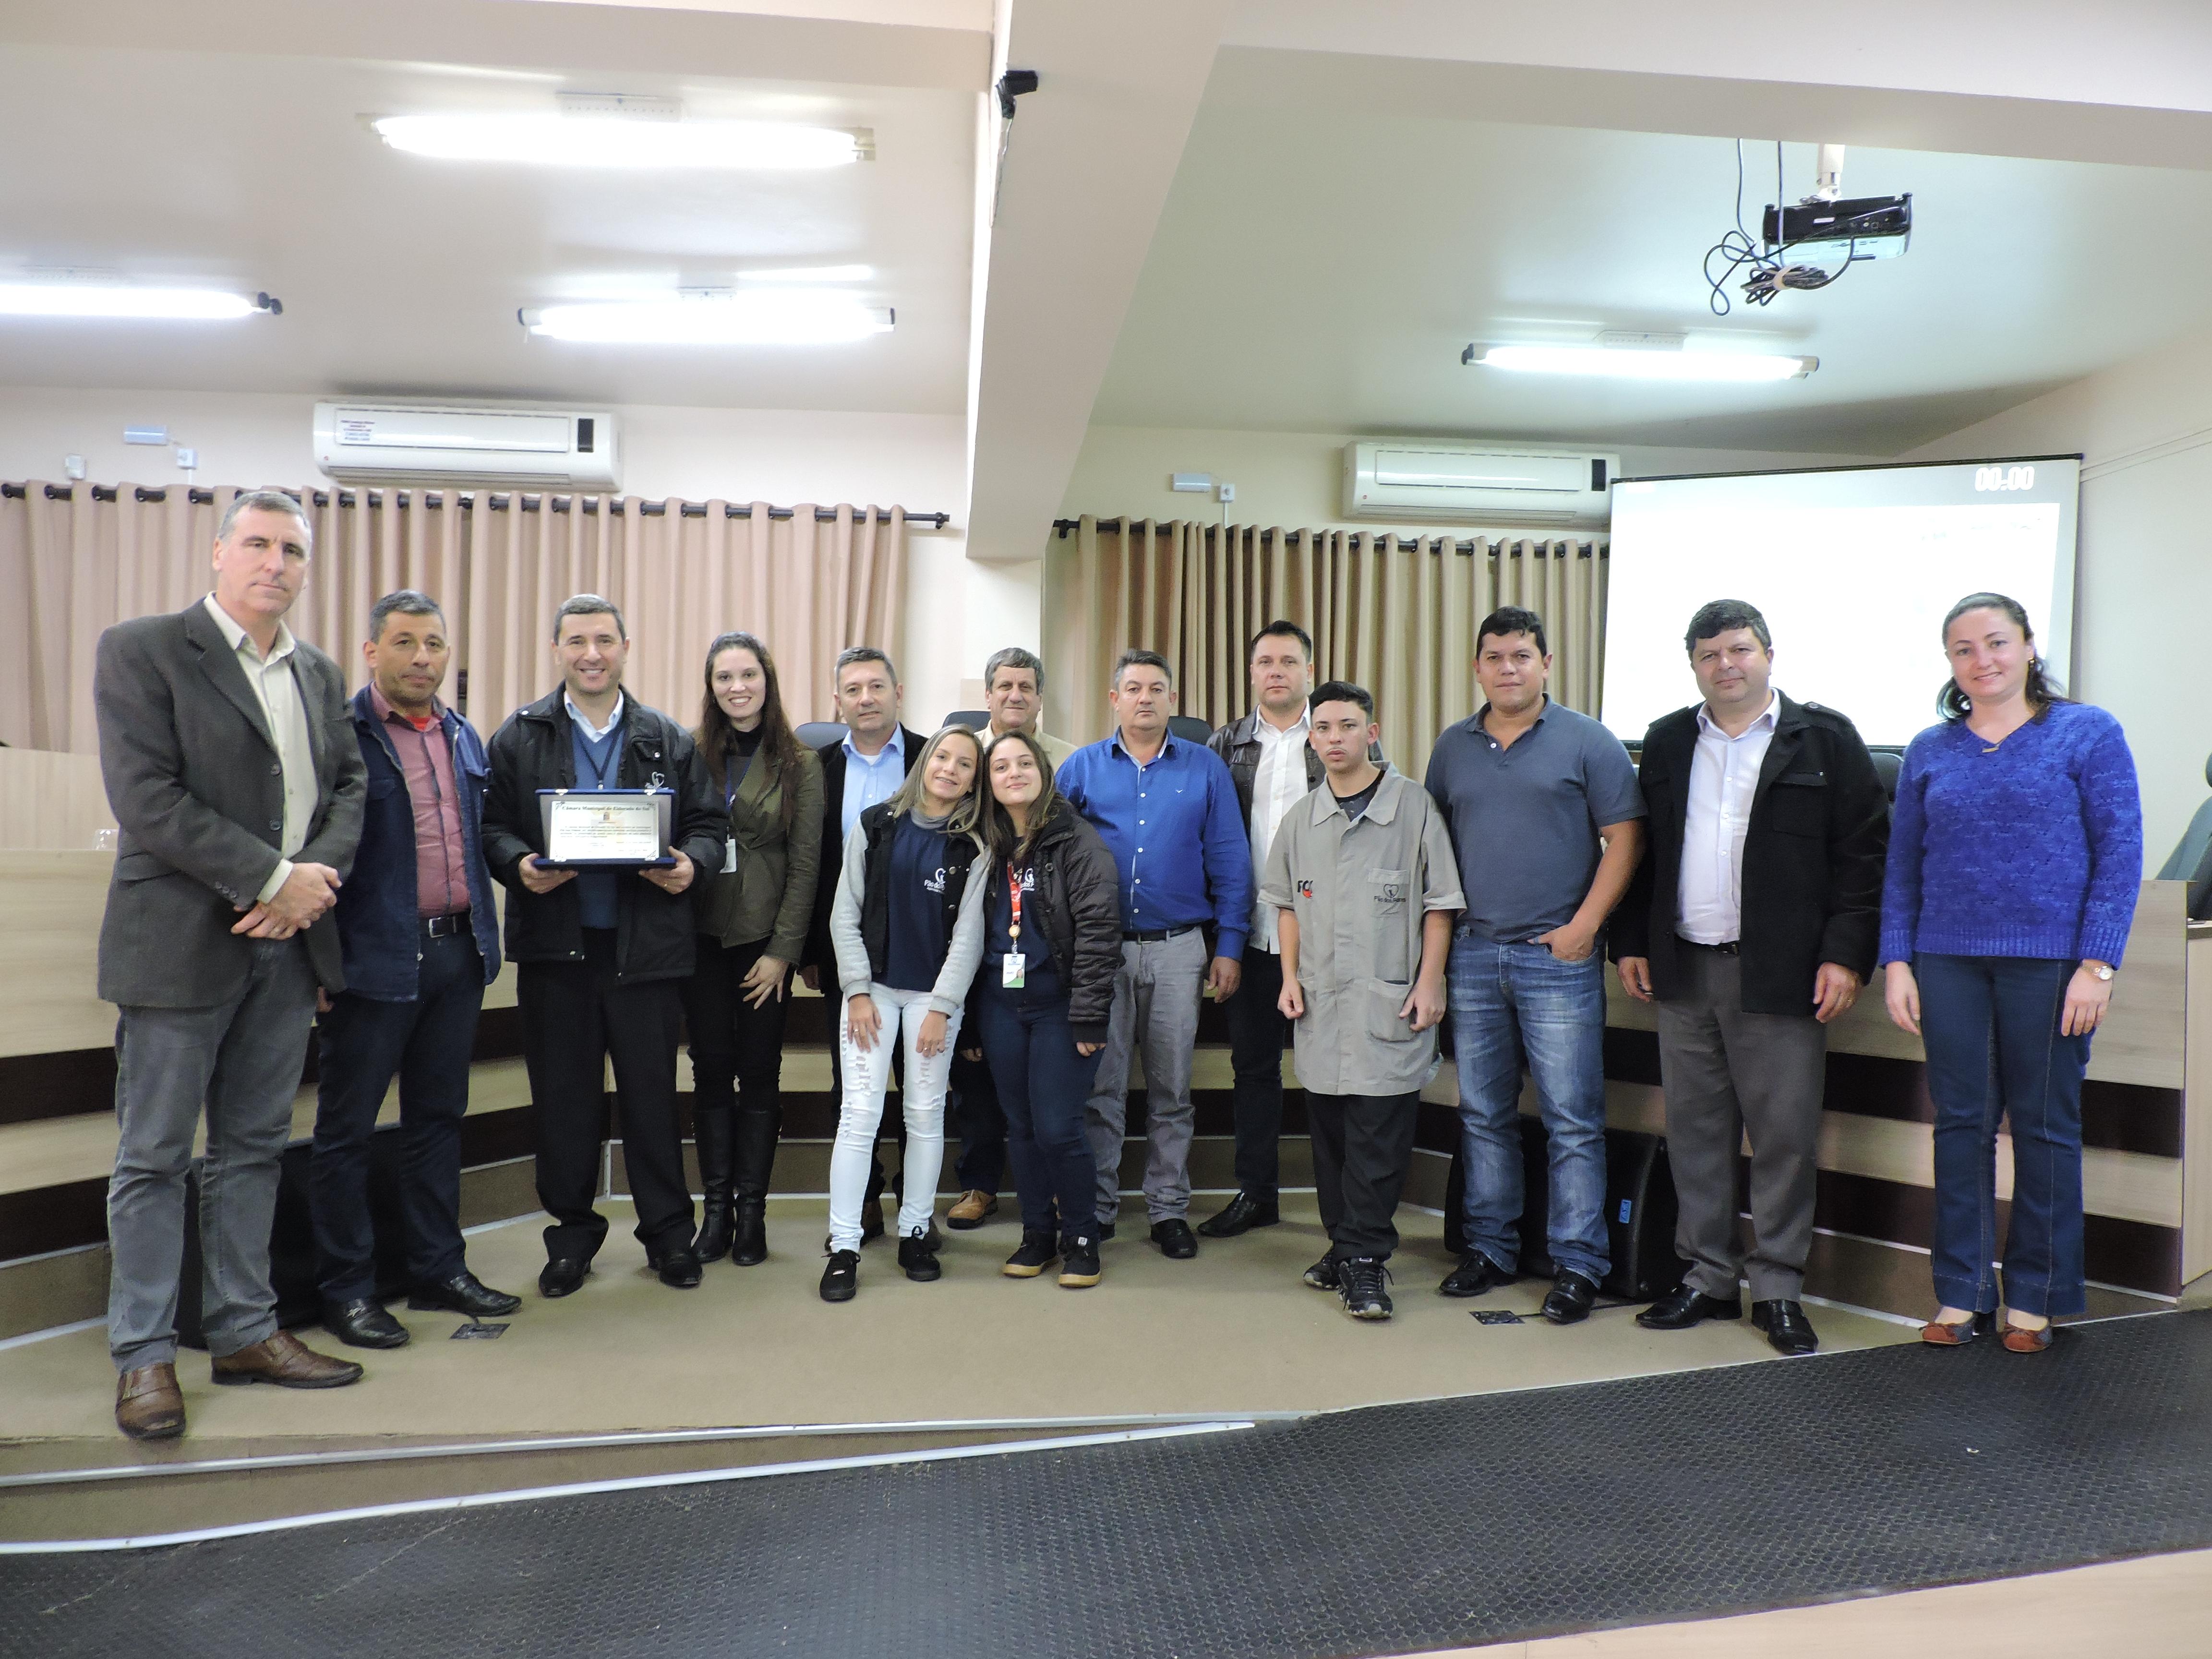 Legislativo faz entrega de Moção Honrosa a Fundação O Pão dos Pobres